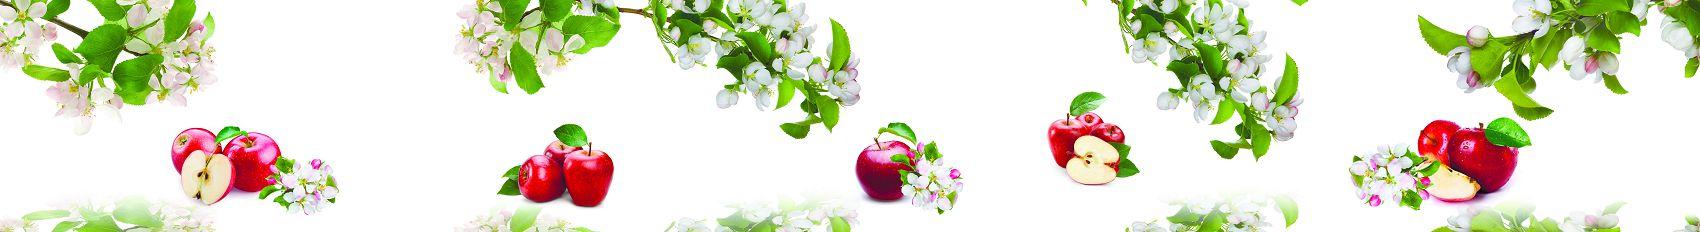 Цветы яблони с яблоками на белом фоне